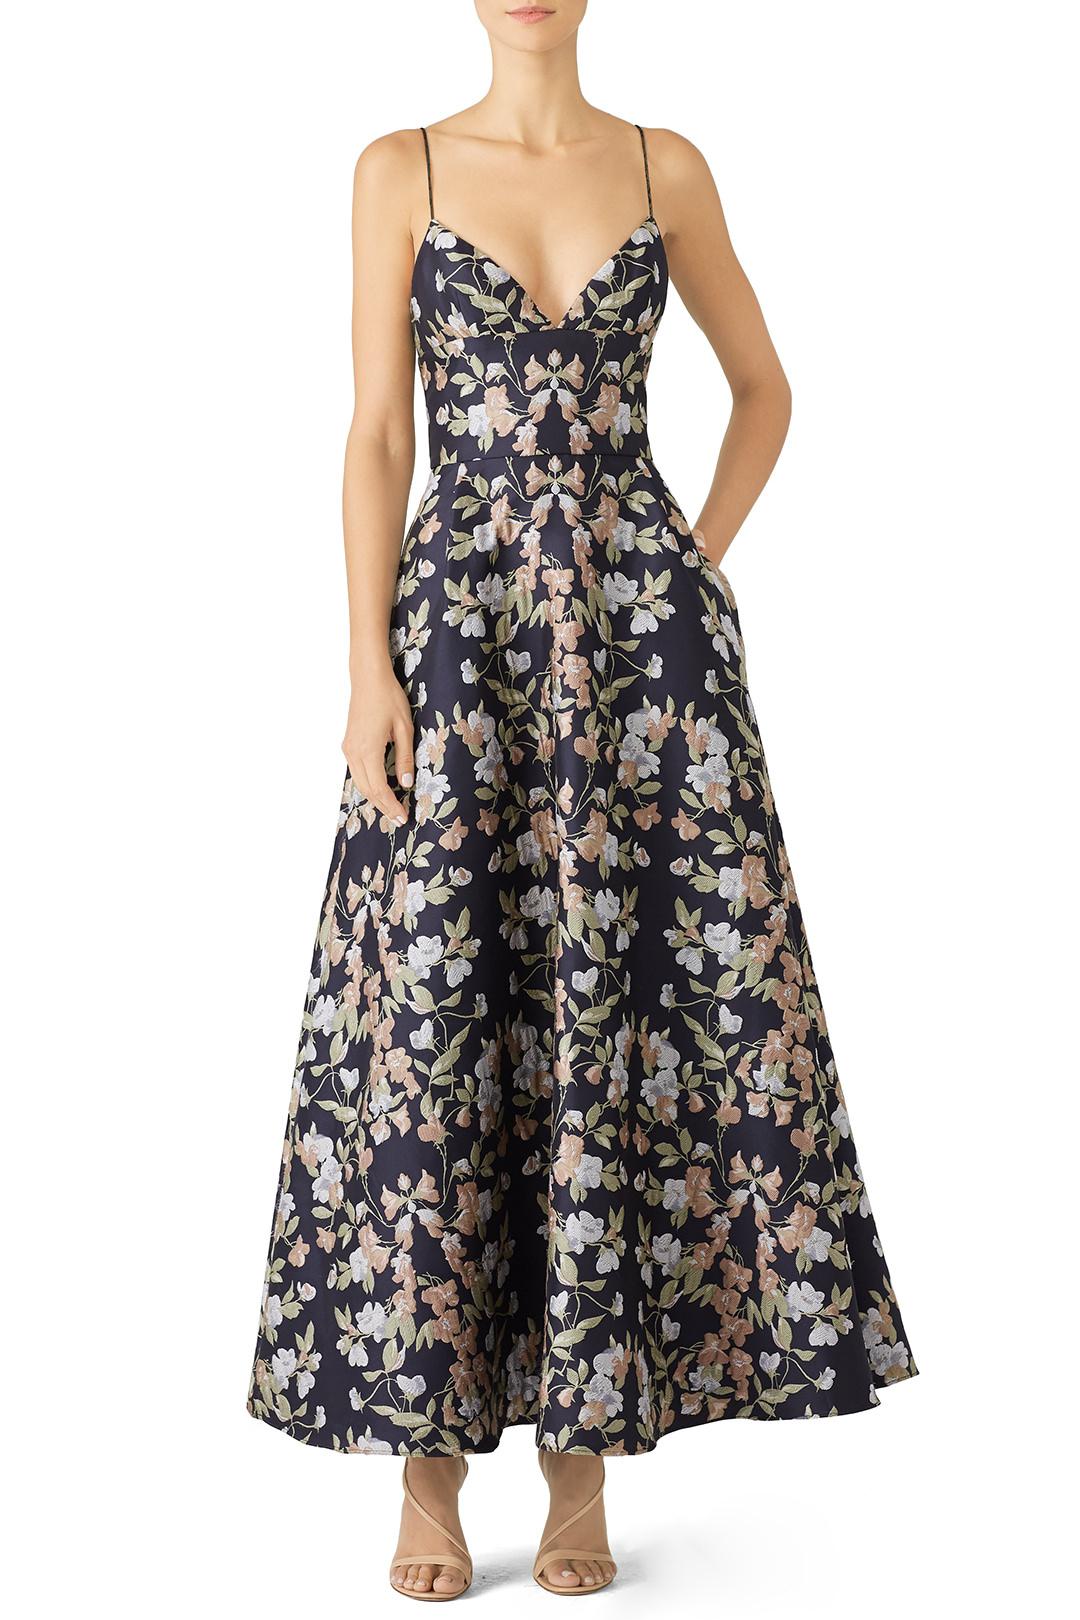 Monique Lhuillier Garden Jacquard Gown - $!05.00-$115.00